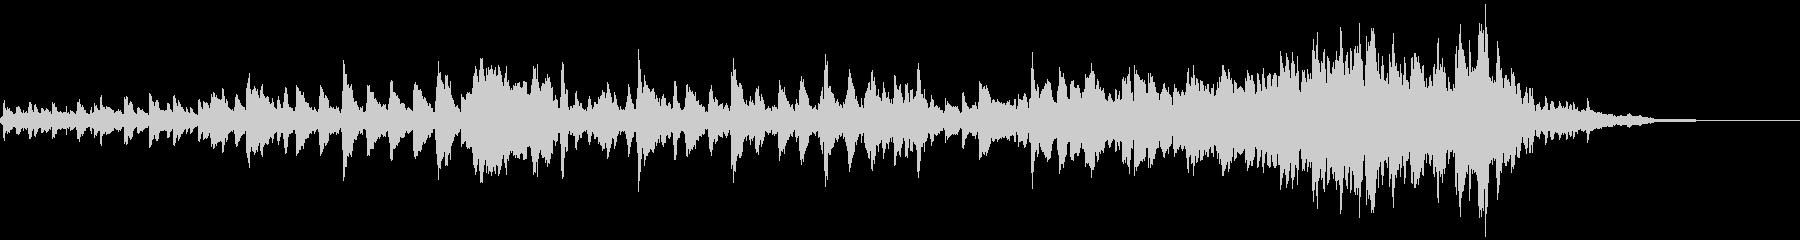 怪しいエスニックなバイオリンのフレーズ3の未再生の波形